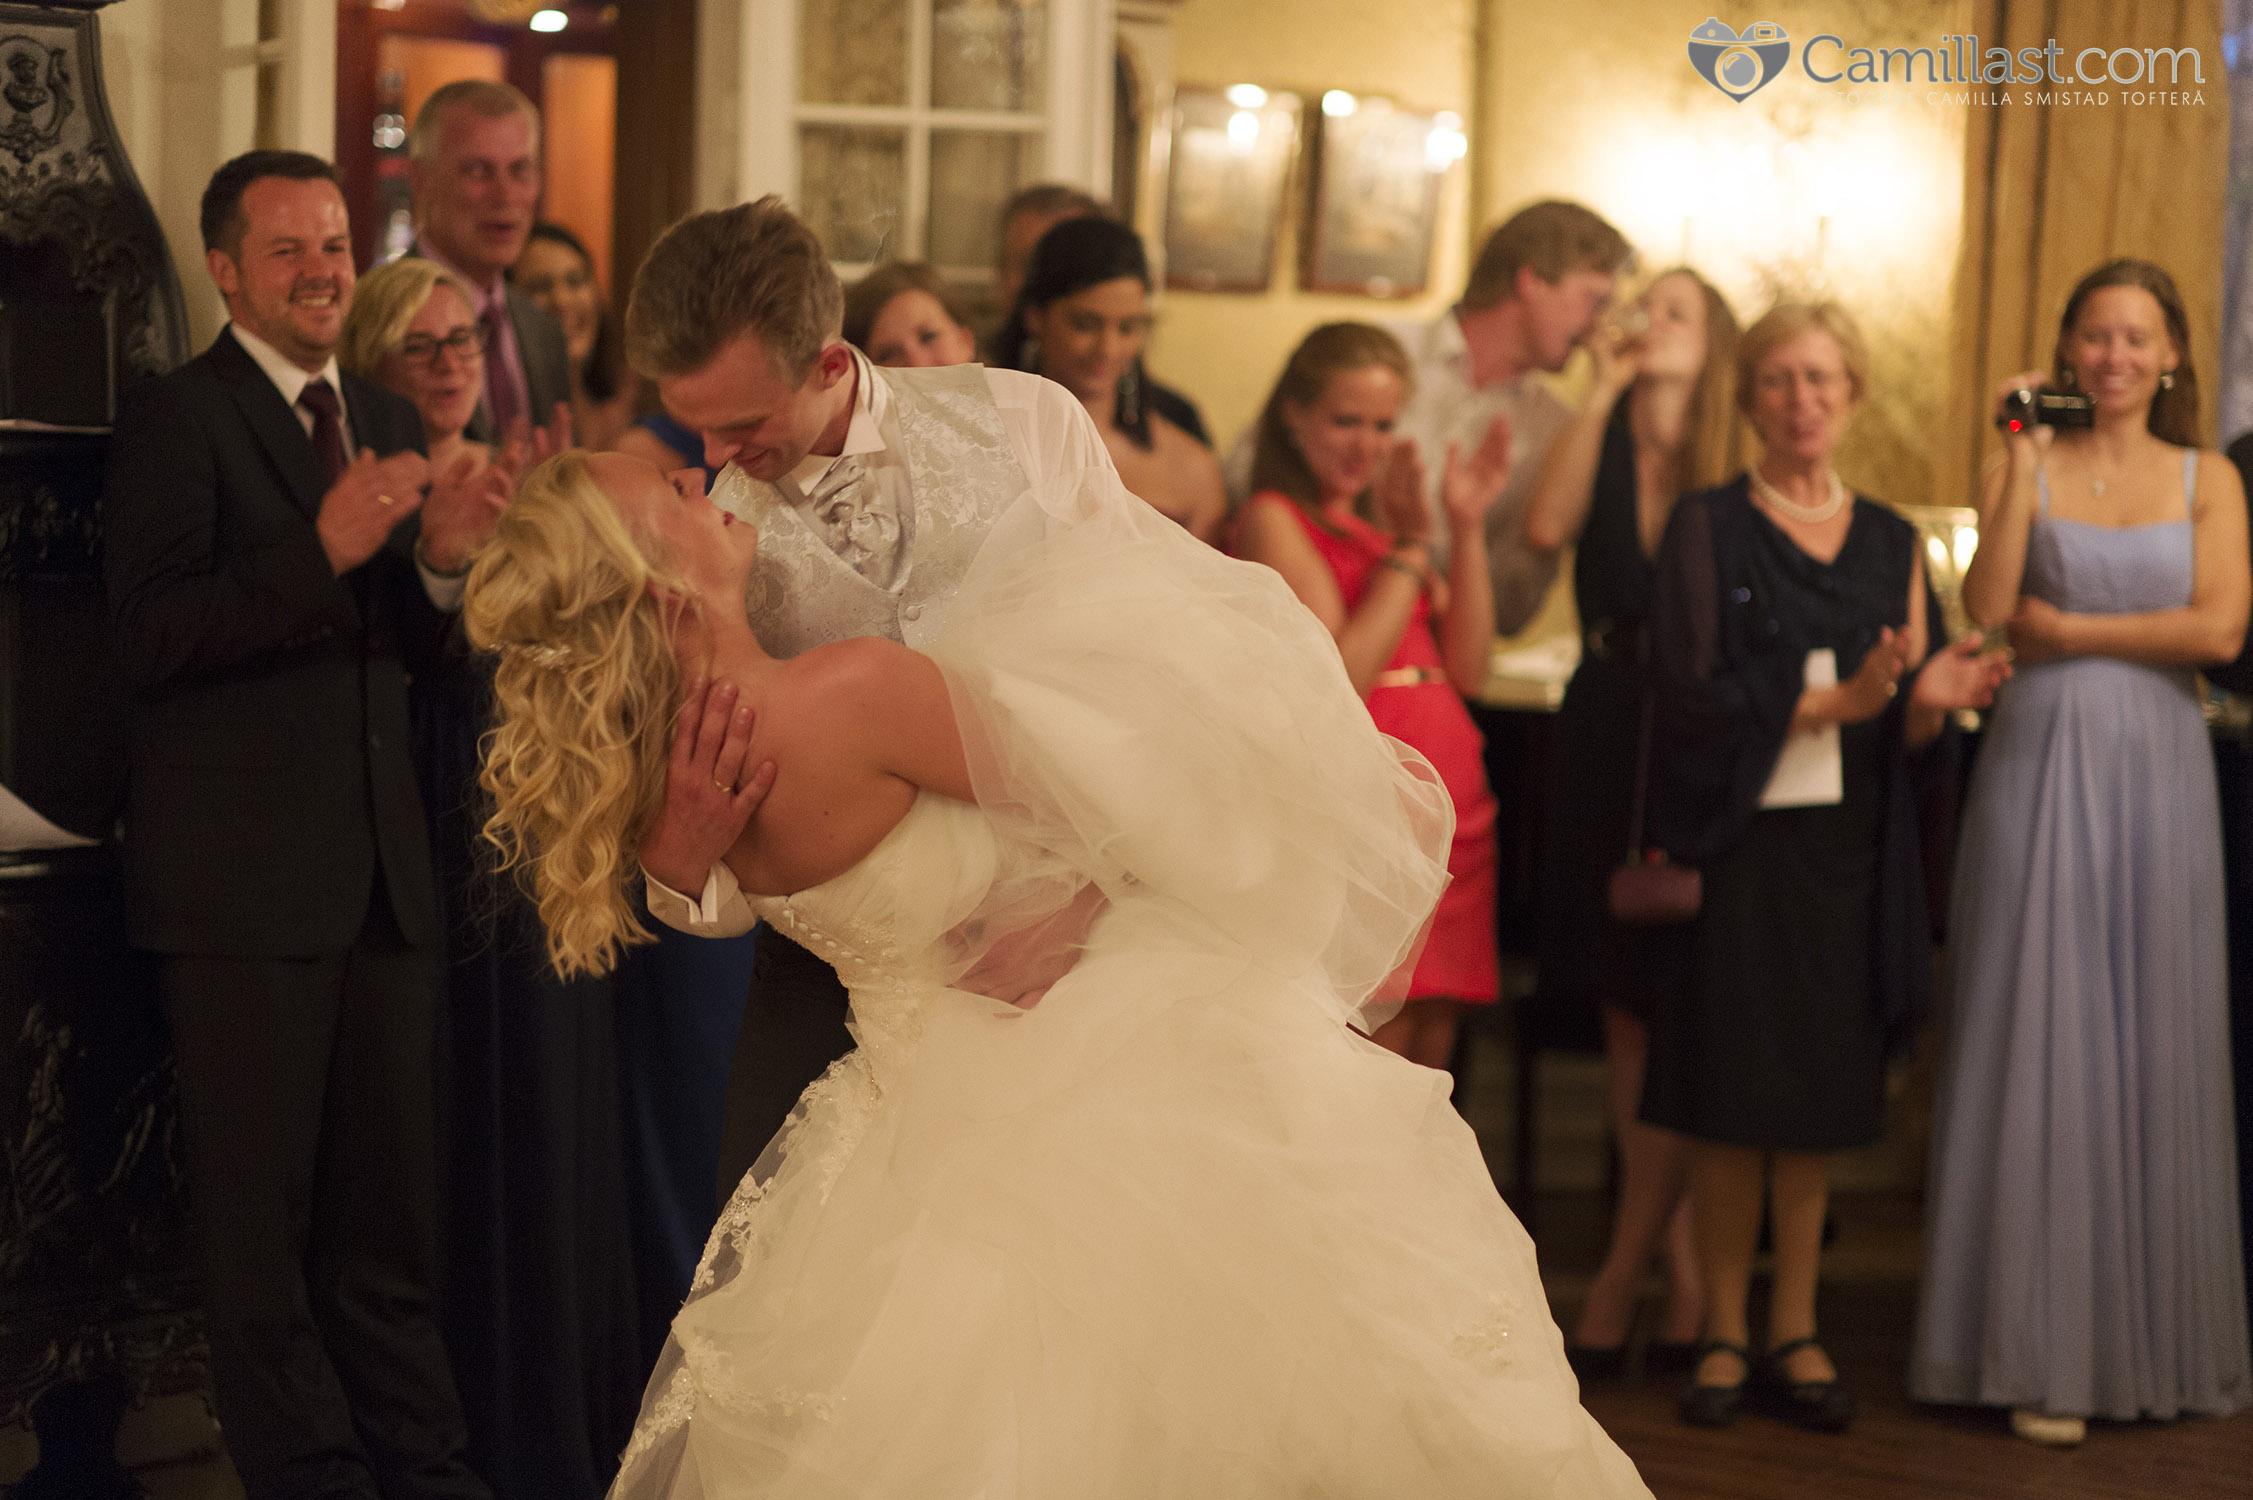 Bryllup Camilla Henrik 20150704Fotograf CamillaST521 copy.jpg